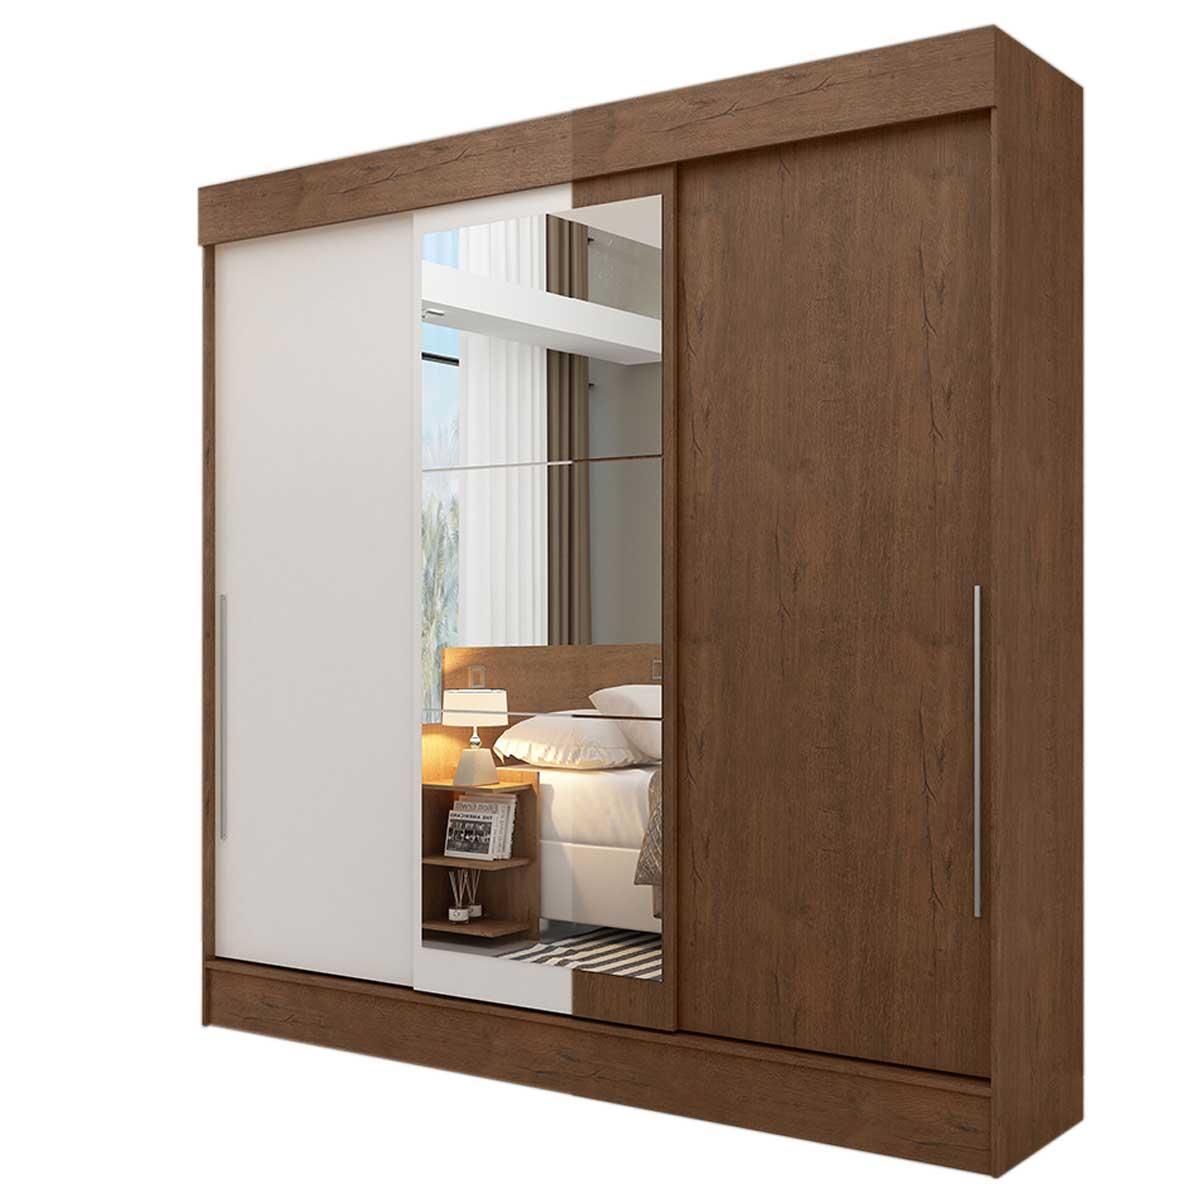 Ropero Closet 3 Puertas Corredizas Doble Vista 2Cajones Casa